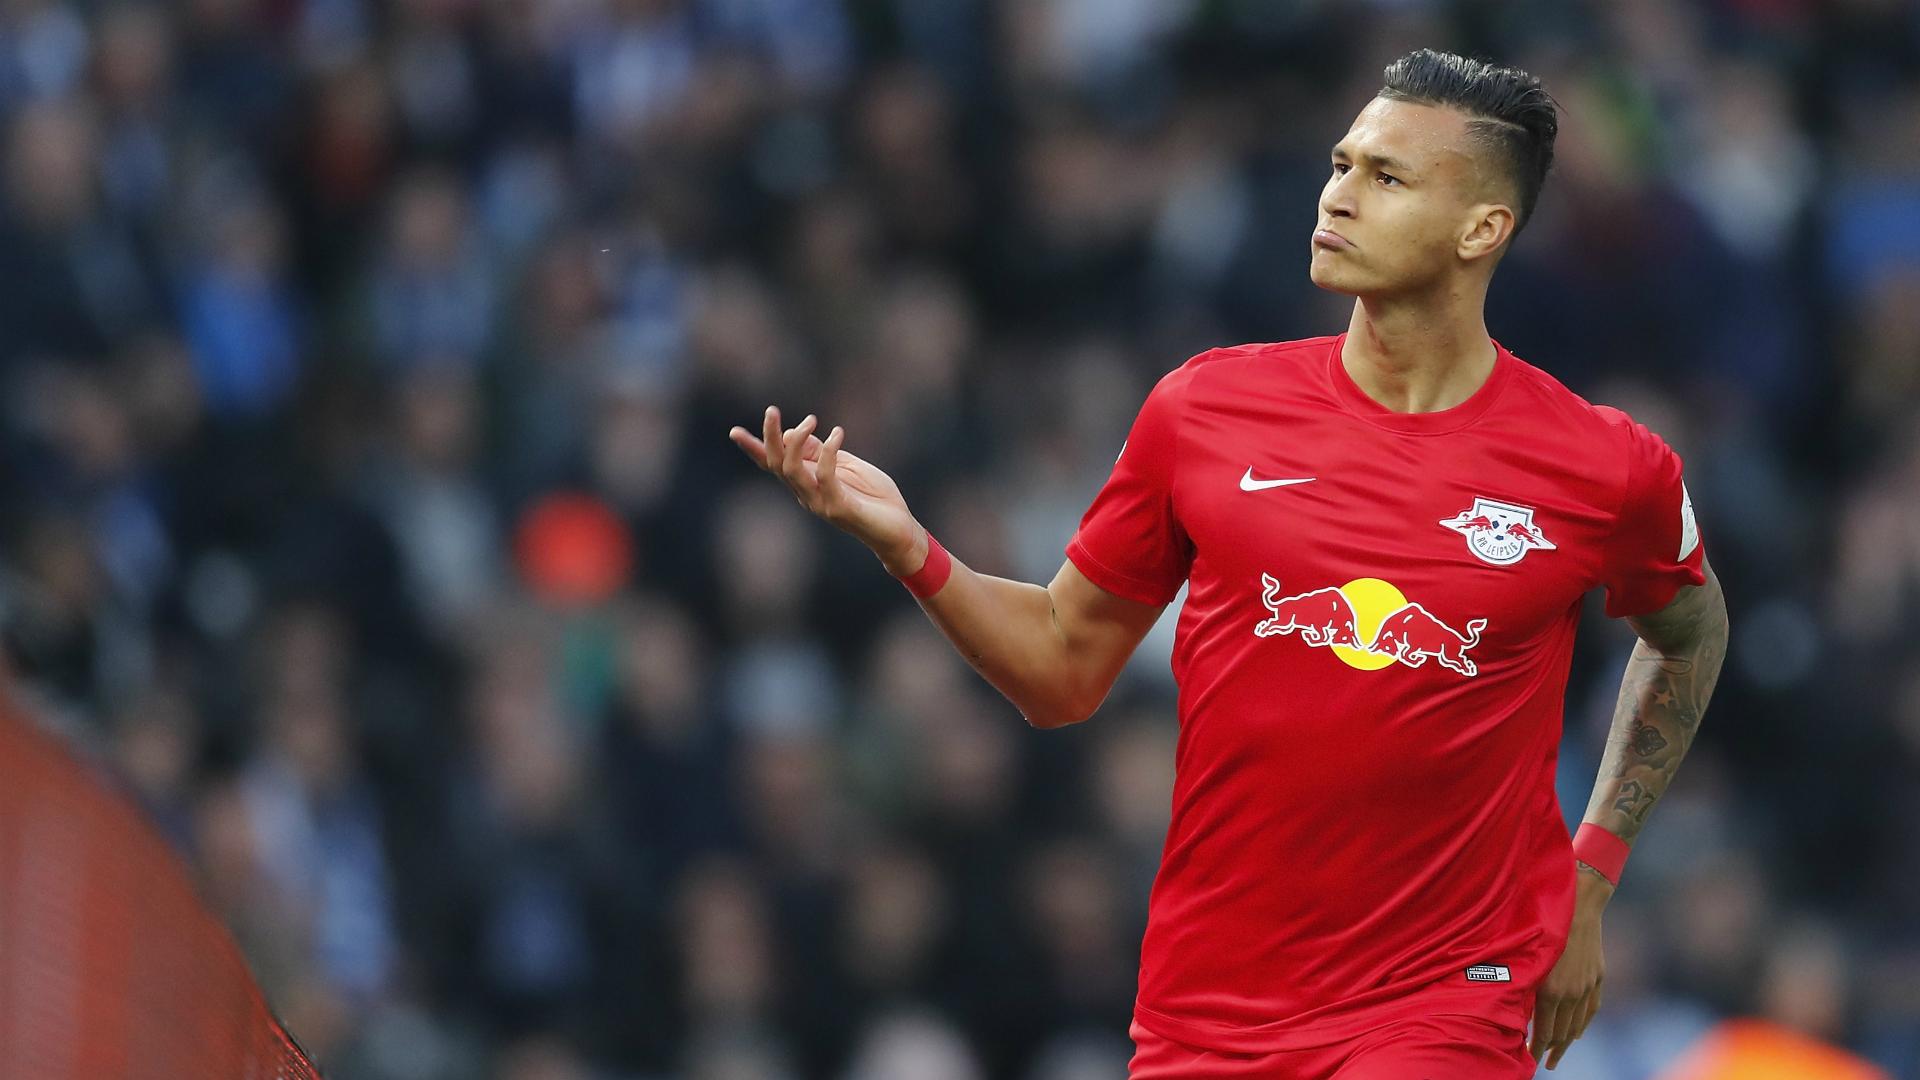 Hertha Berlin signs German forward Davie Selke from Leipzig